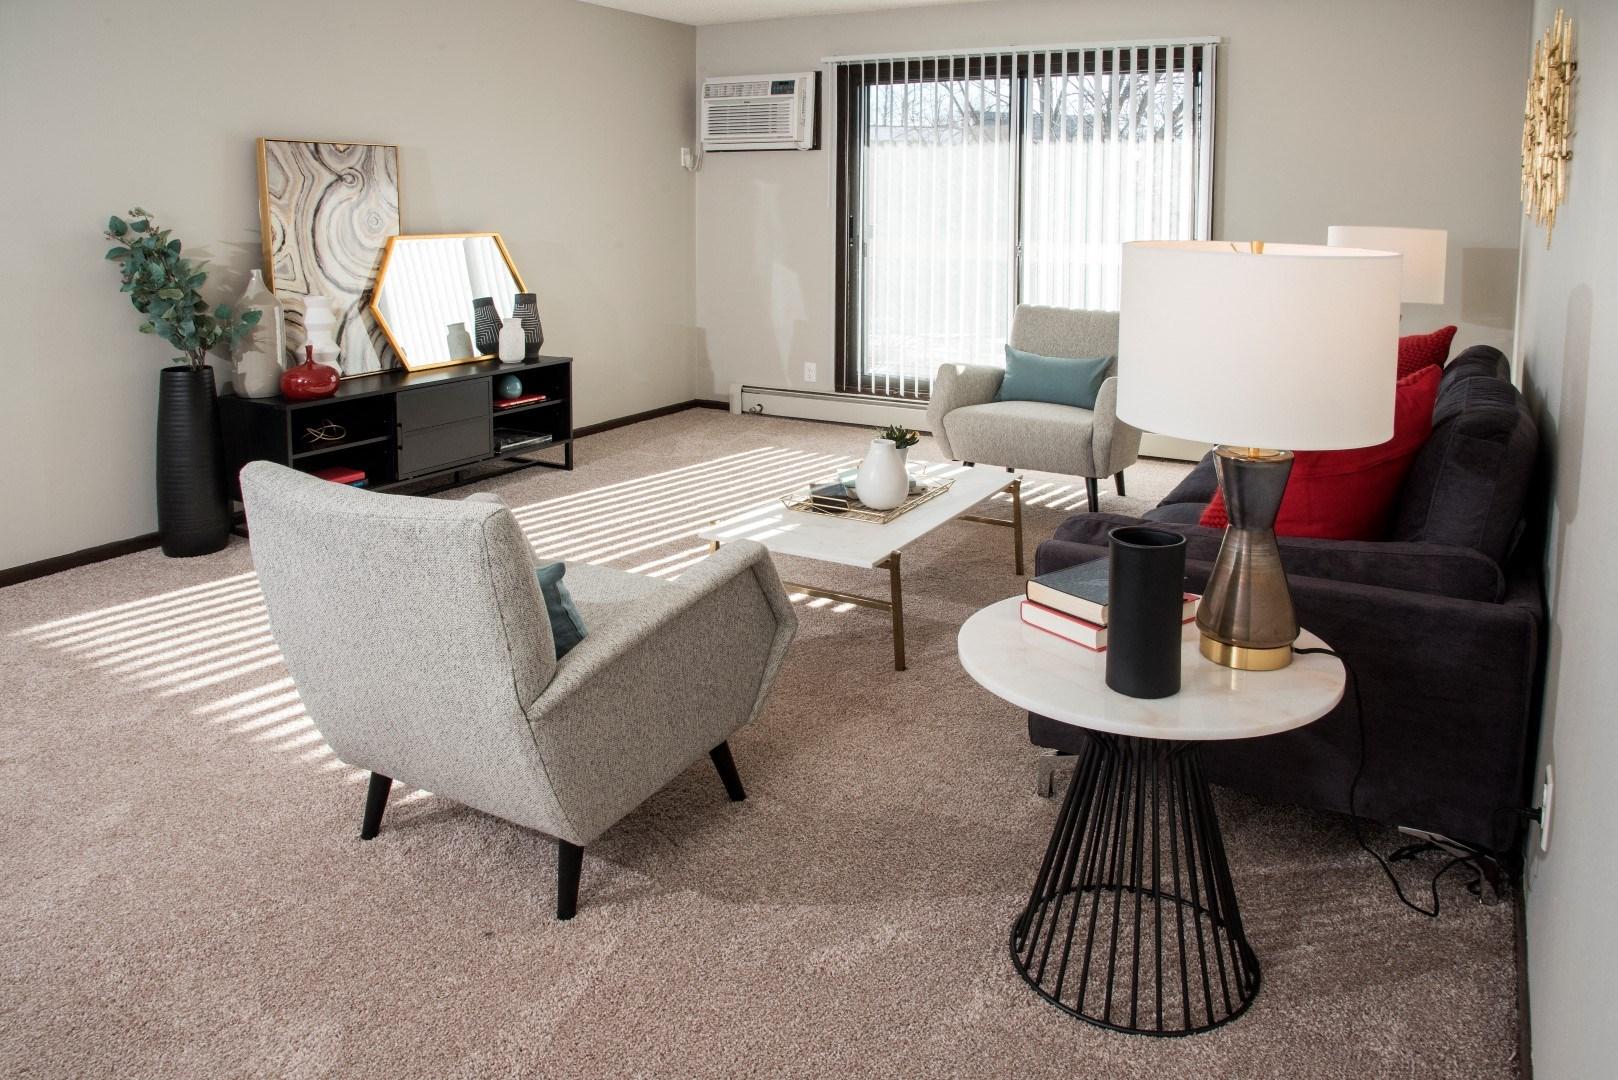 Beautiful Apartment Homes at Eagan Place Apartments, Eagan, MN